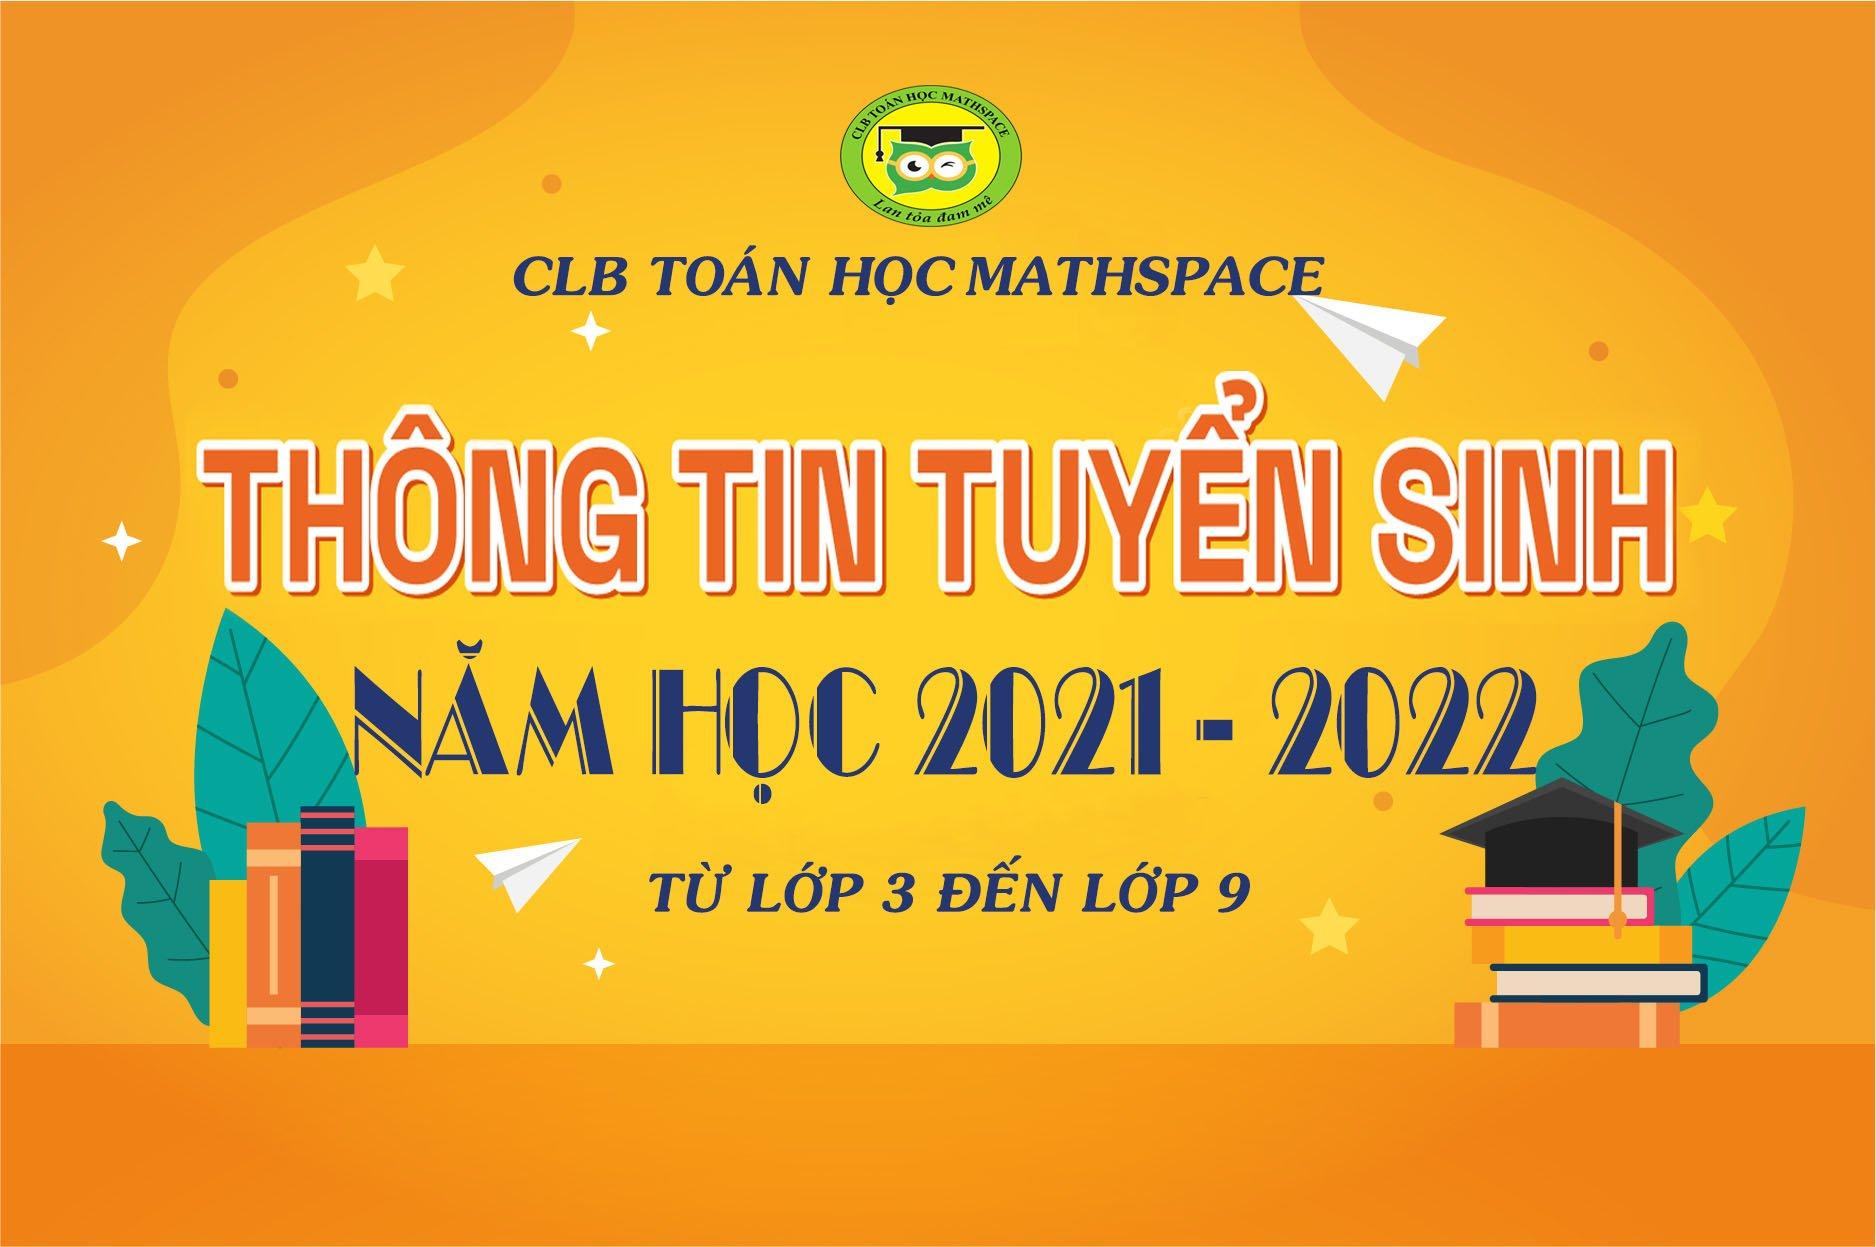 THÔNG TIN TUYỂN SINH LỚP 3 ĐẾN LỚP 9 NĂM HỌC 2021-2022 CLB TOÁN HỌC MATHSPACE